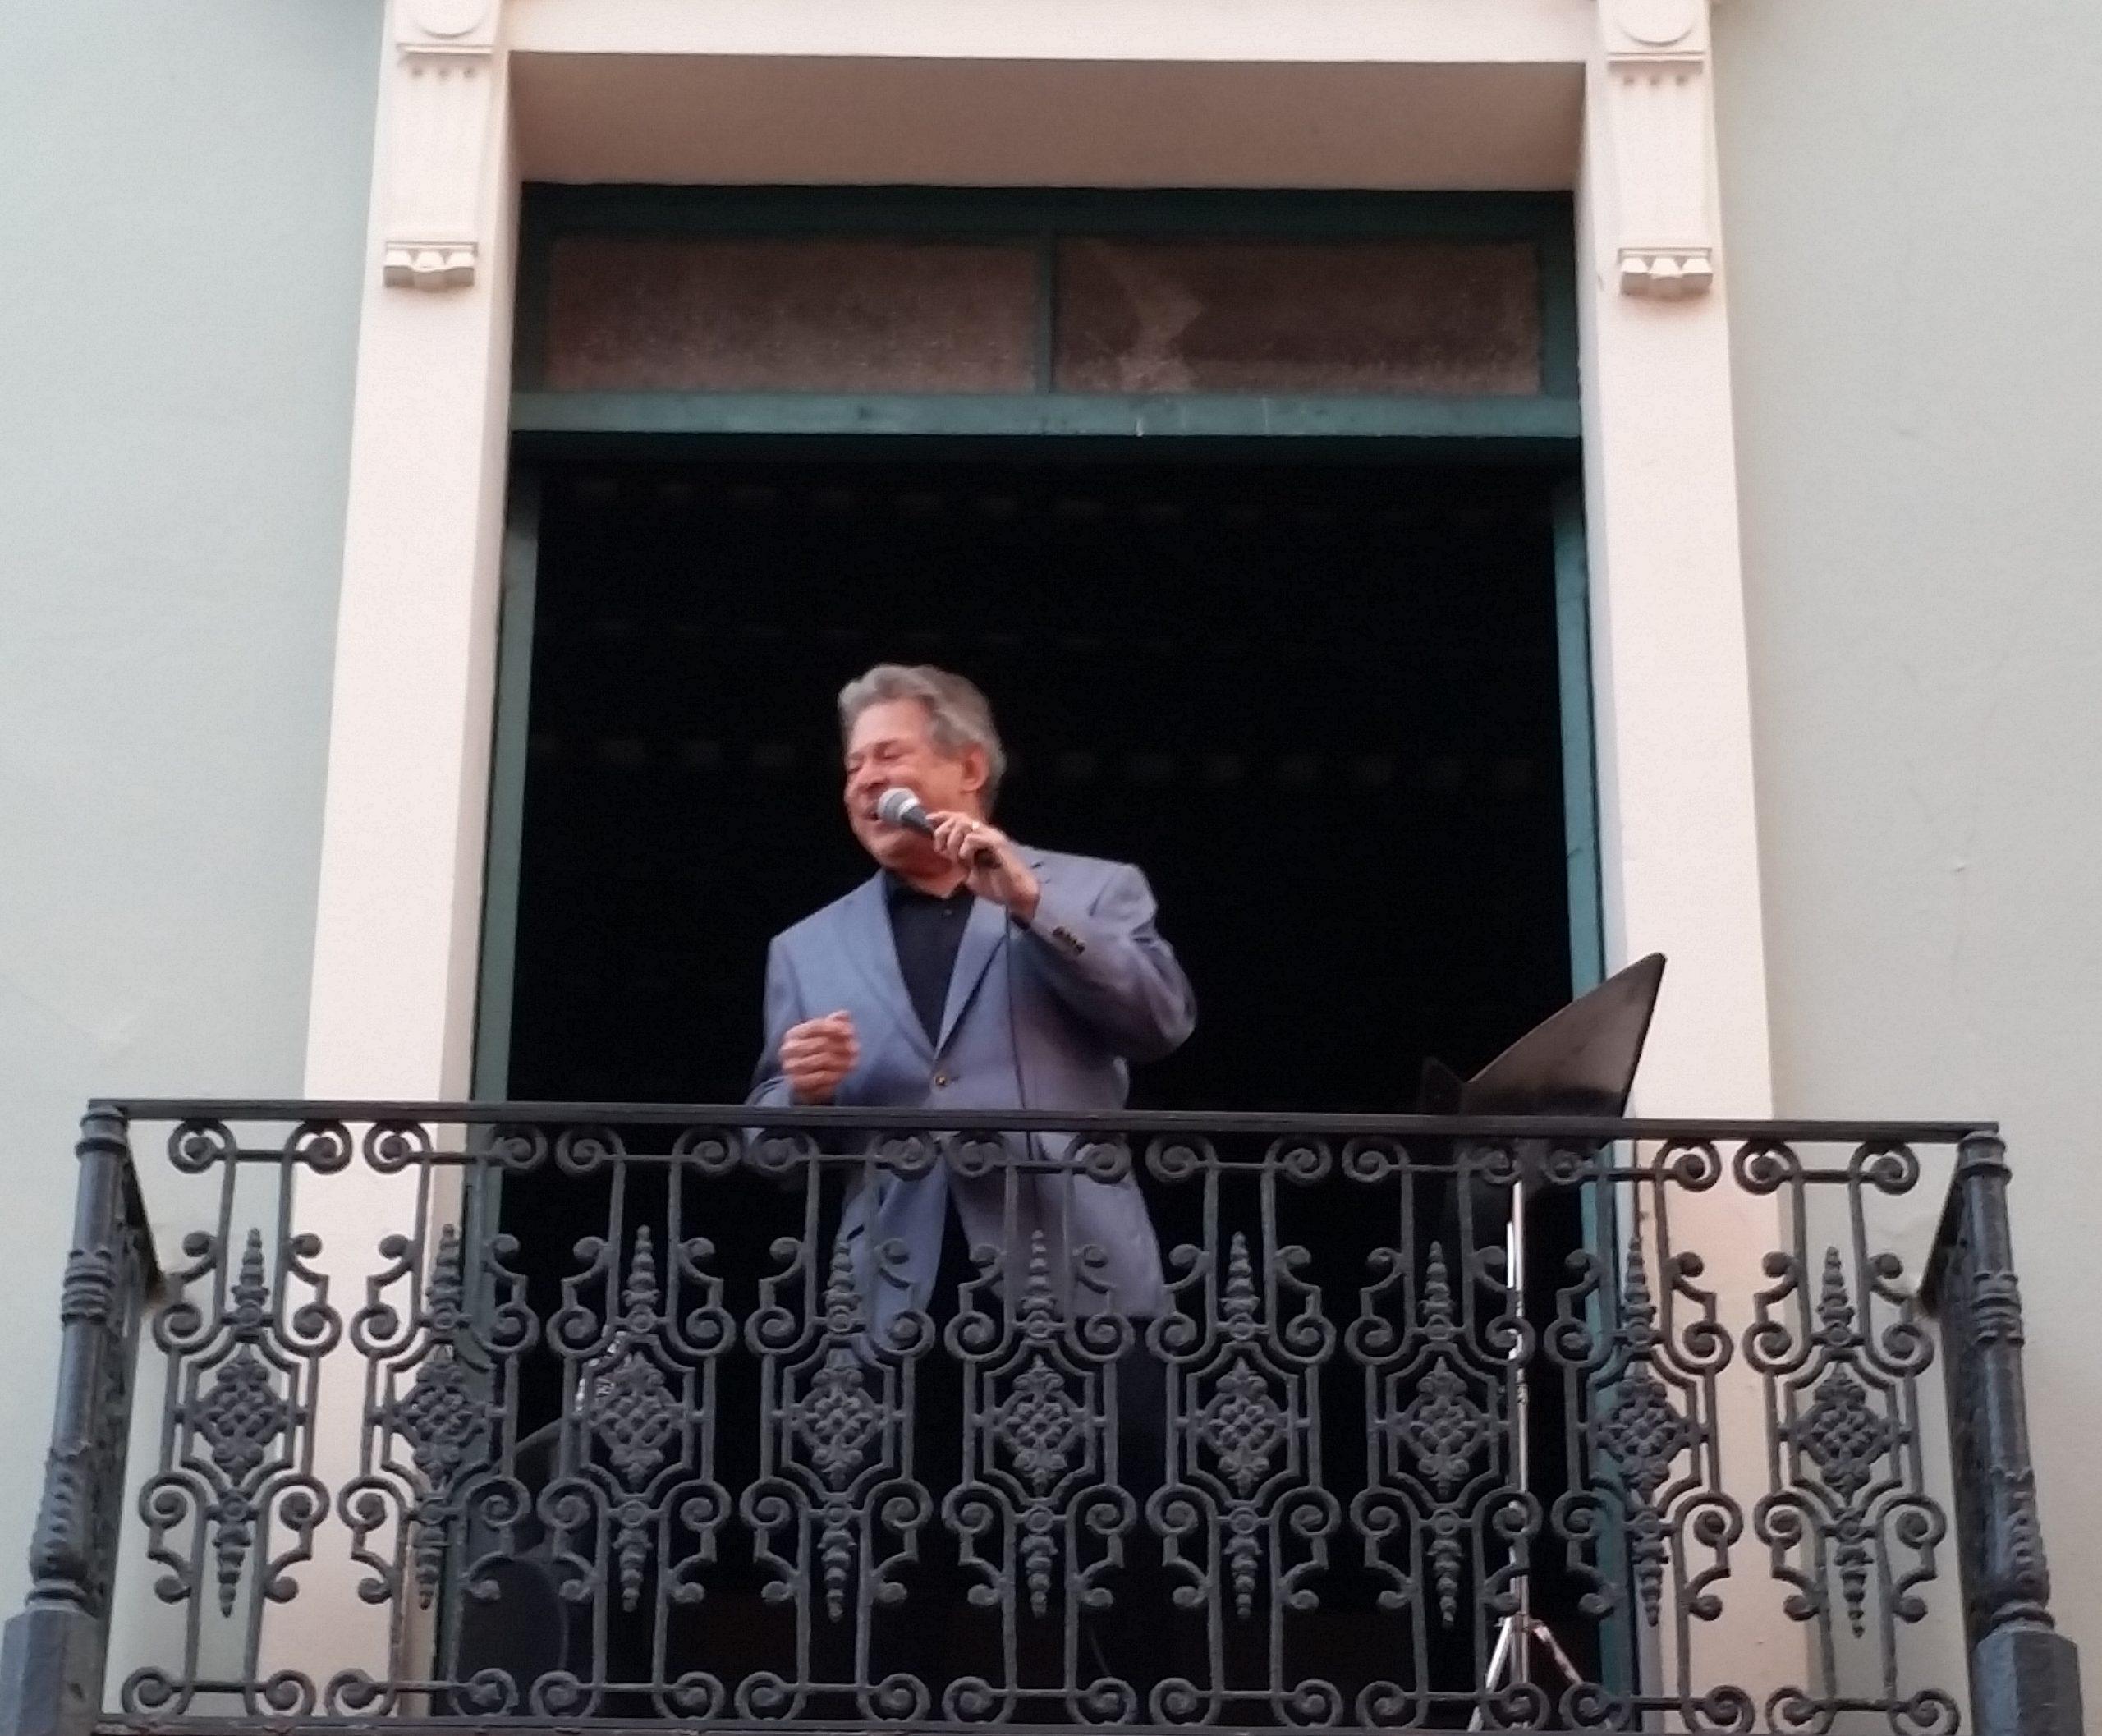 Chucho tuvo como escenario uno de los balcones de la sede de la Fundación Nacional para la Cultura Popular. (Foto Rafael Caraballo para F.N.C.P.)